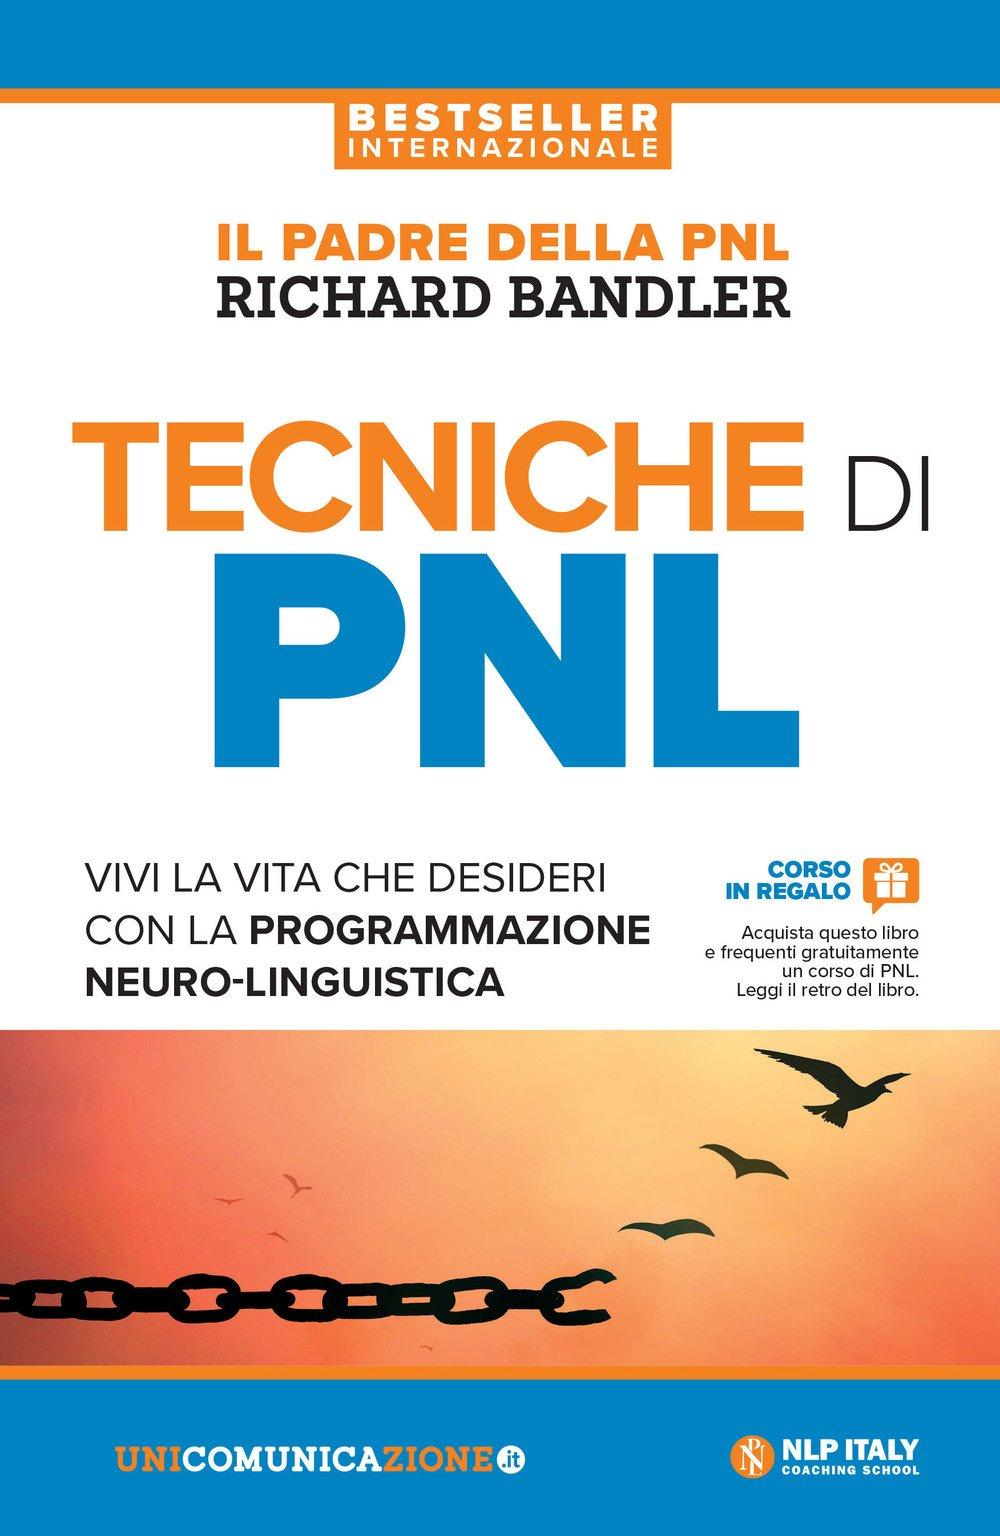 Tecniche di PNL. Vivi la vita che desideri con la programmazione neuro-linguistica Copertina flessibile – 26 apr 2018 Richard Bandler Unicomunicazione.it 8833620212 Manuali